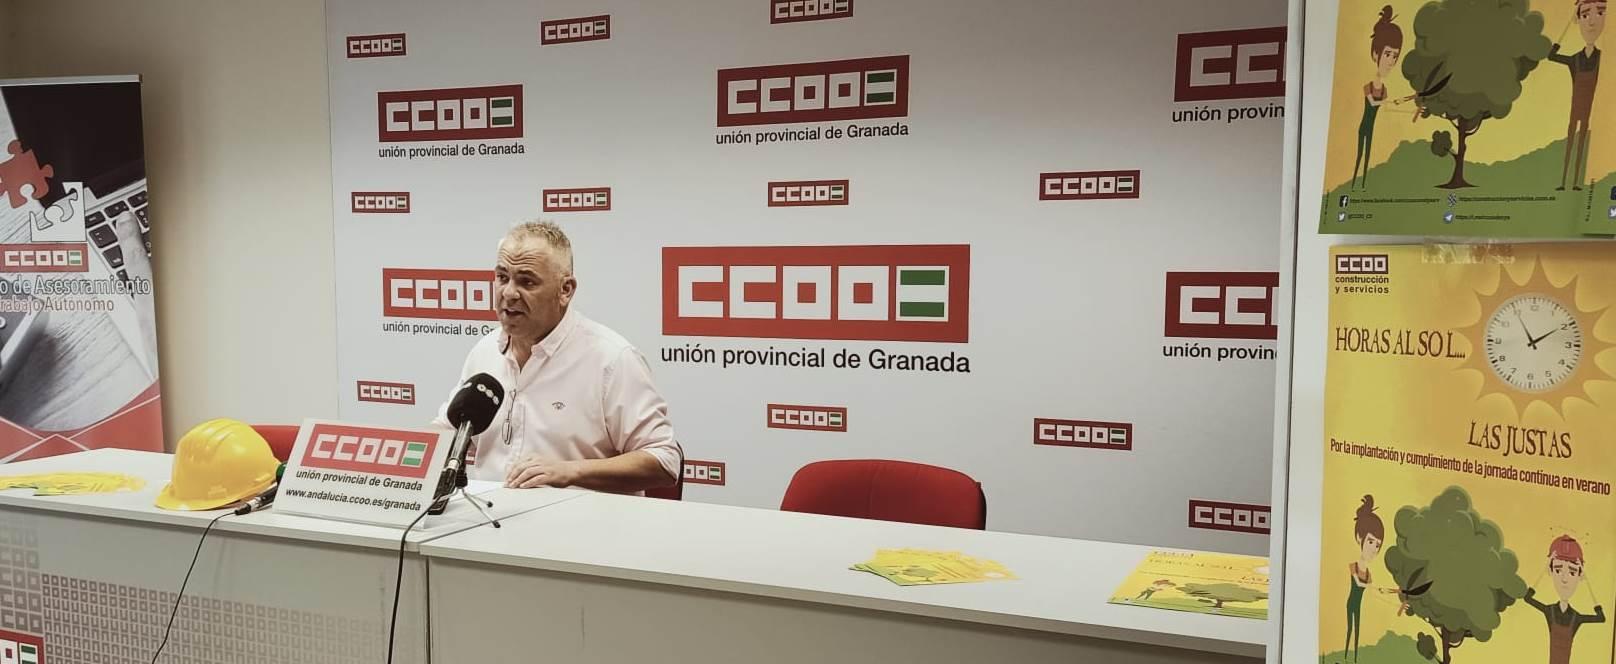 CCOO intensificará las visitas a las obras para evitar incumplimientos de la jornada intensiva